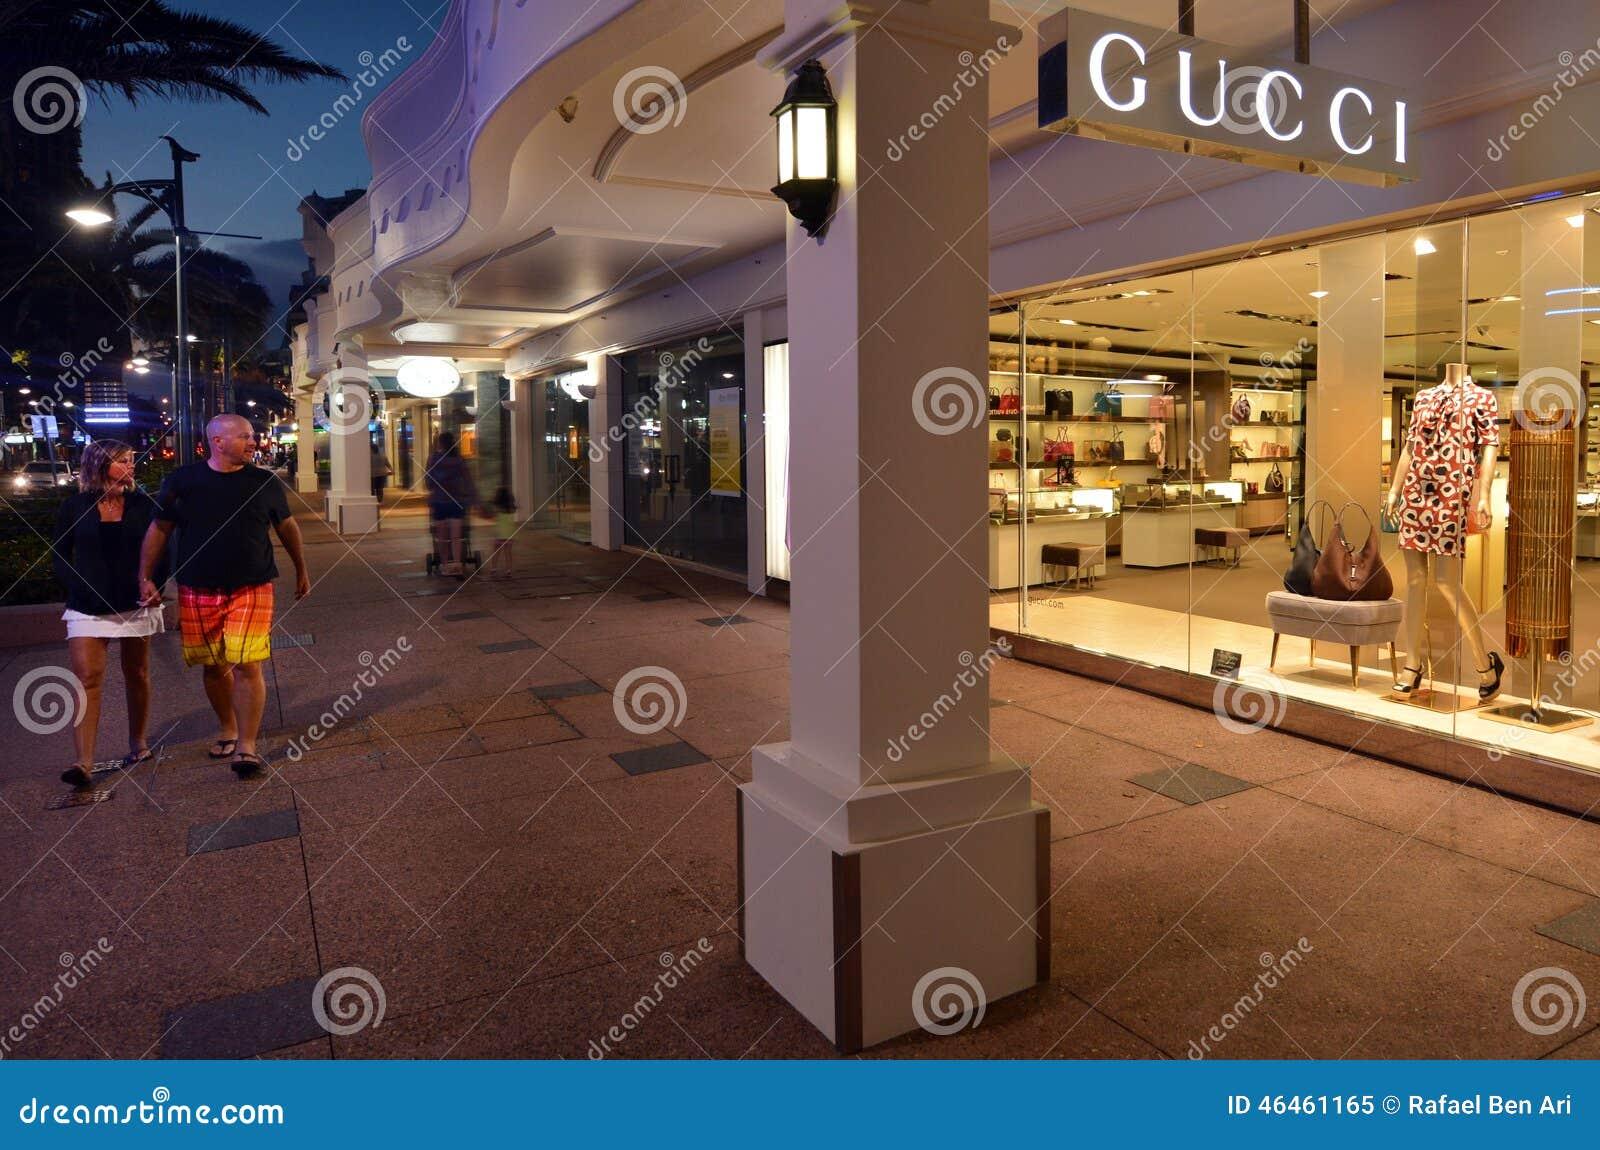 Gold Coast Bridal Shop Gold Coast: Gucci Shop In Gold Coast Queensland Australia Editorial